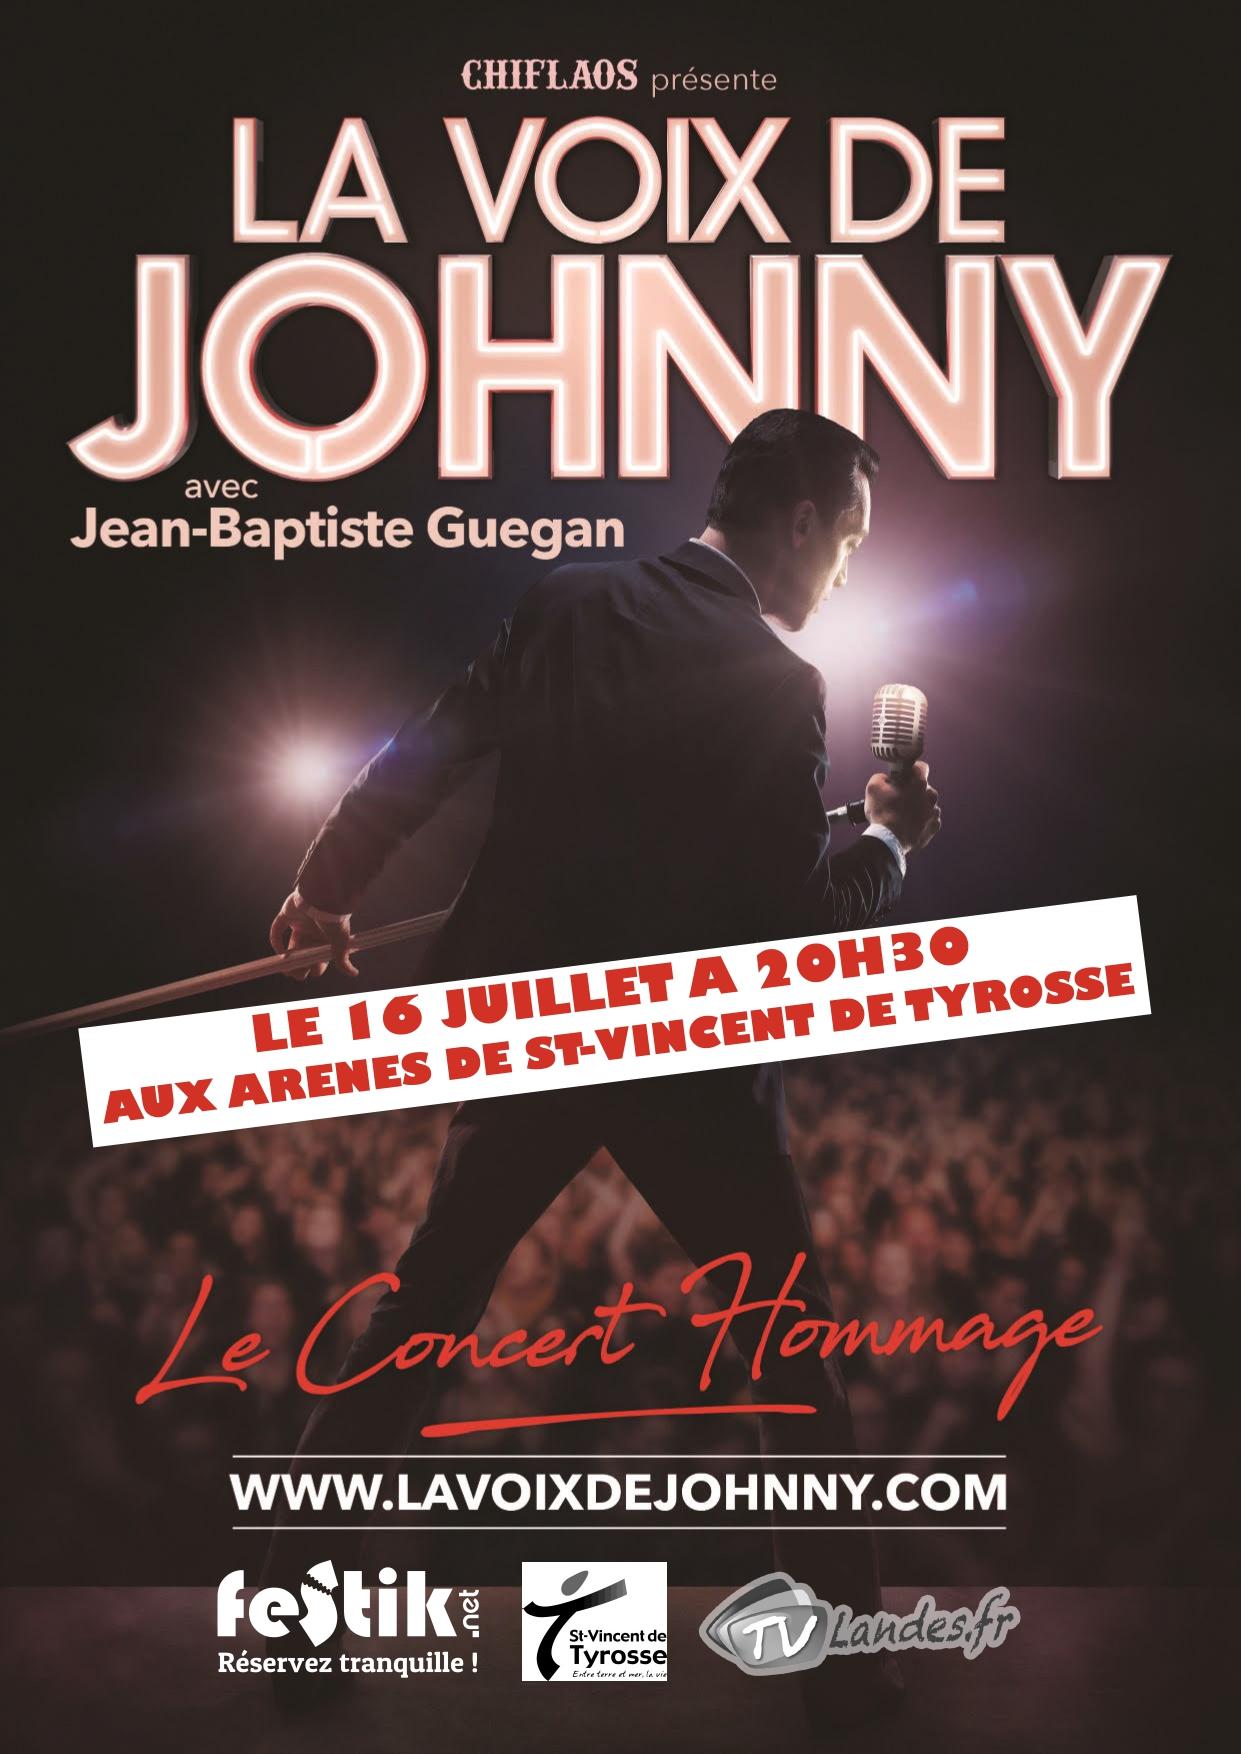 La voix de Johnny Concert de l'été à Tyrosse